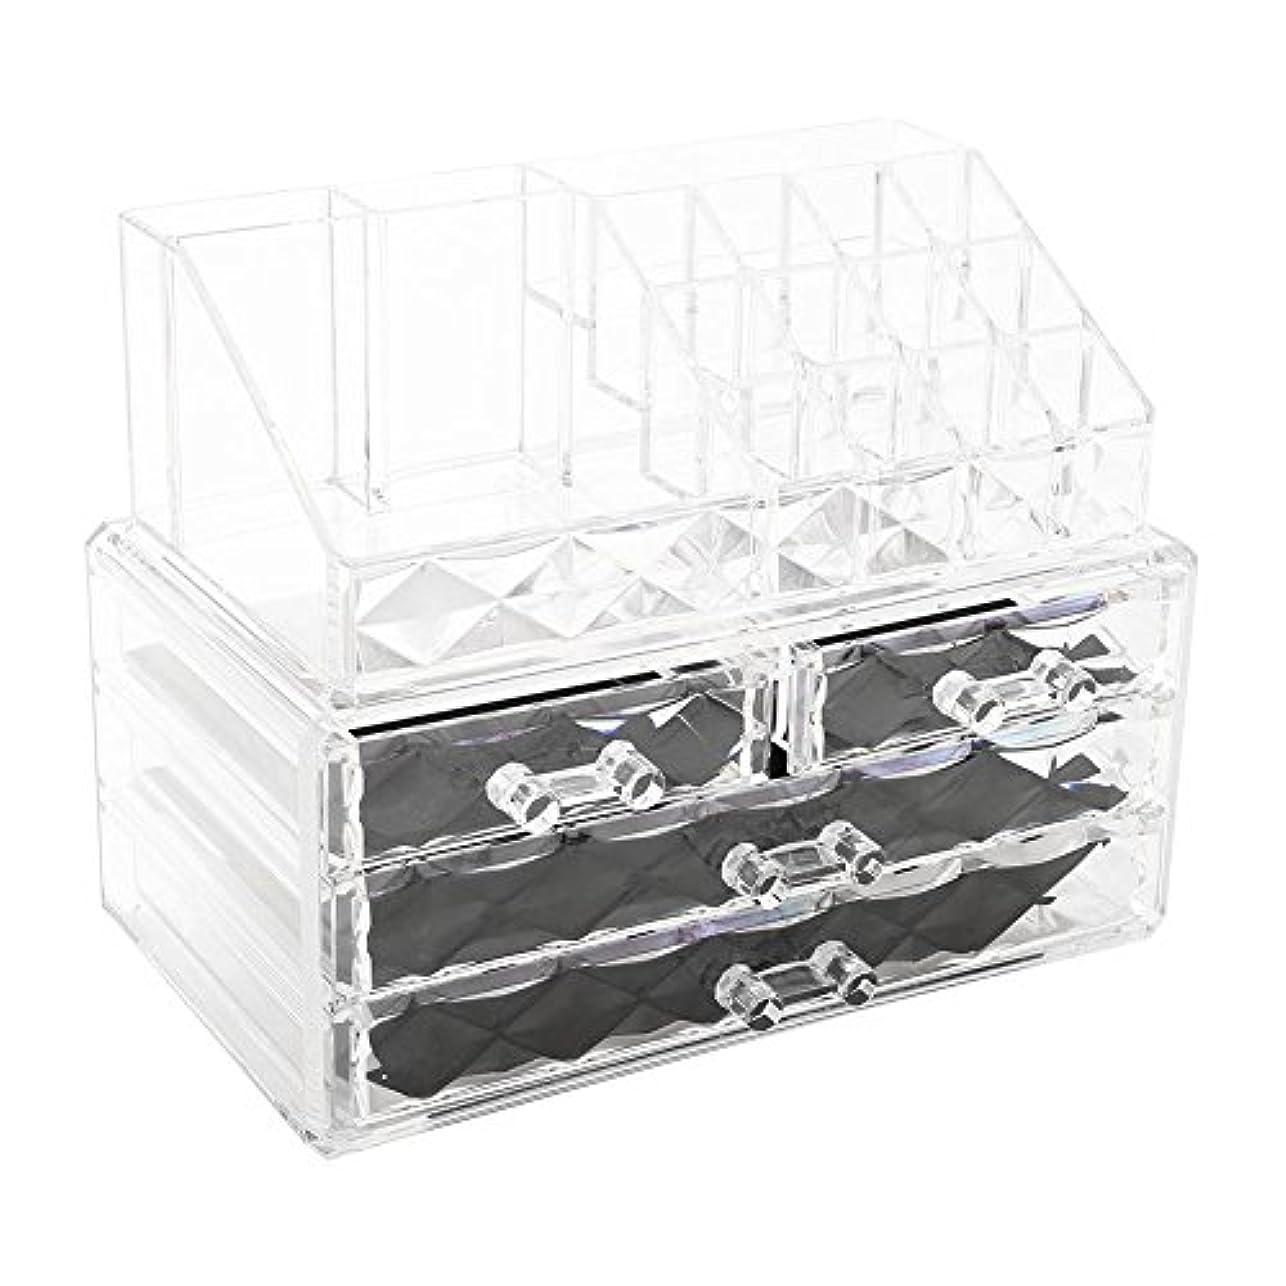 宴会アンタゴニストピカリング化粧品収納ボックス アクリル製 2段式 三つ引き出し 大容量 多機能 丈夫 耐用 防塵 高透明度 化粧道具 小物入れ 化粧品入れ コスメ収納スタンド(2色) (透明)